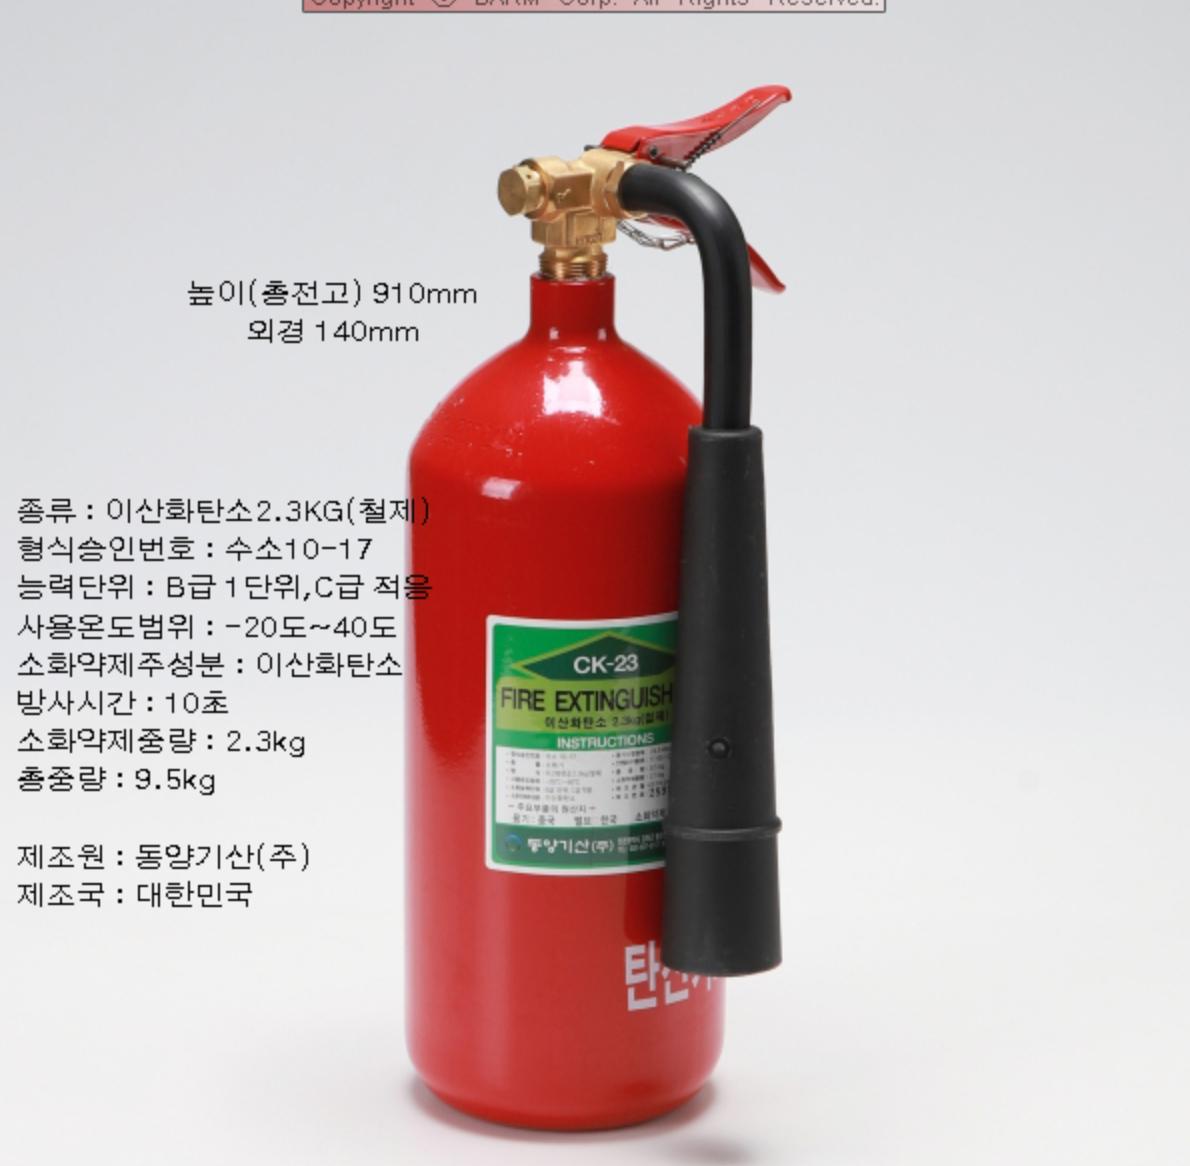 Bình cứu hoả 2.3kg hàng chuẩn KOREA